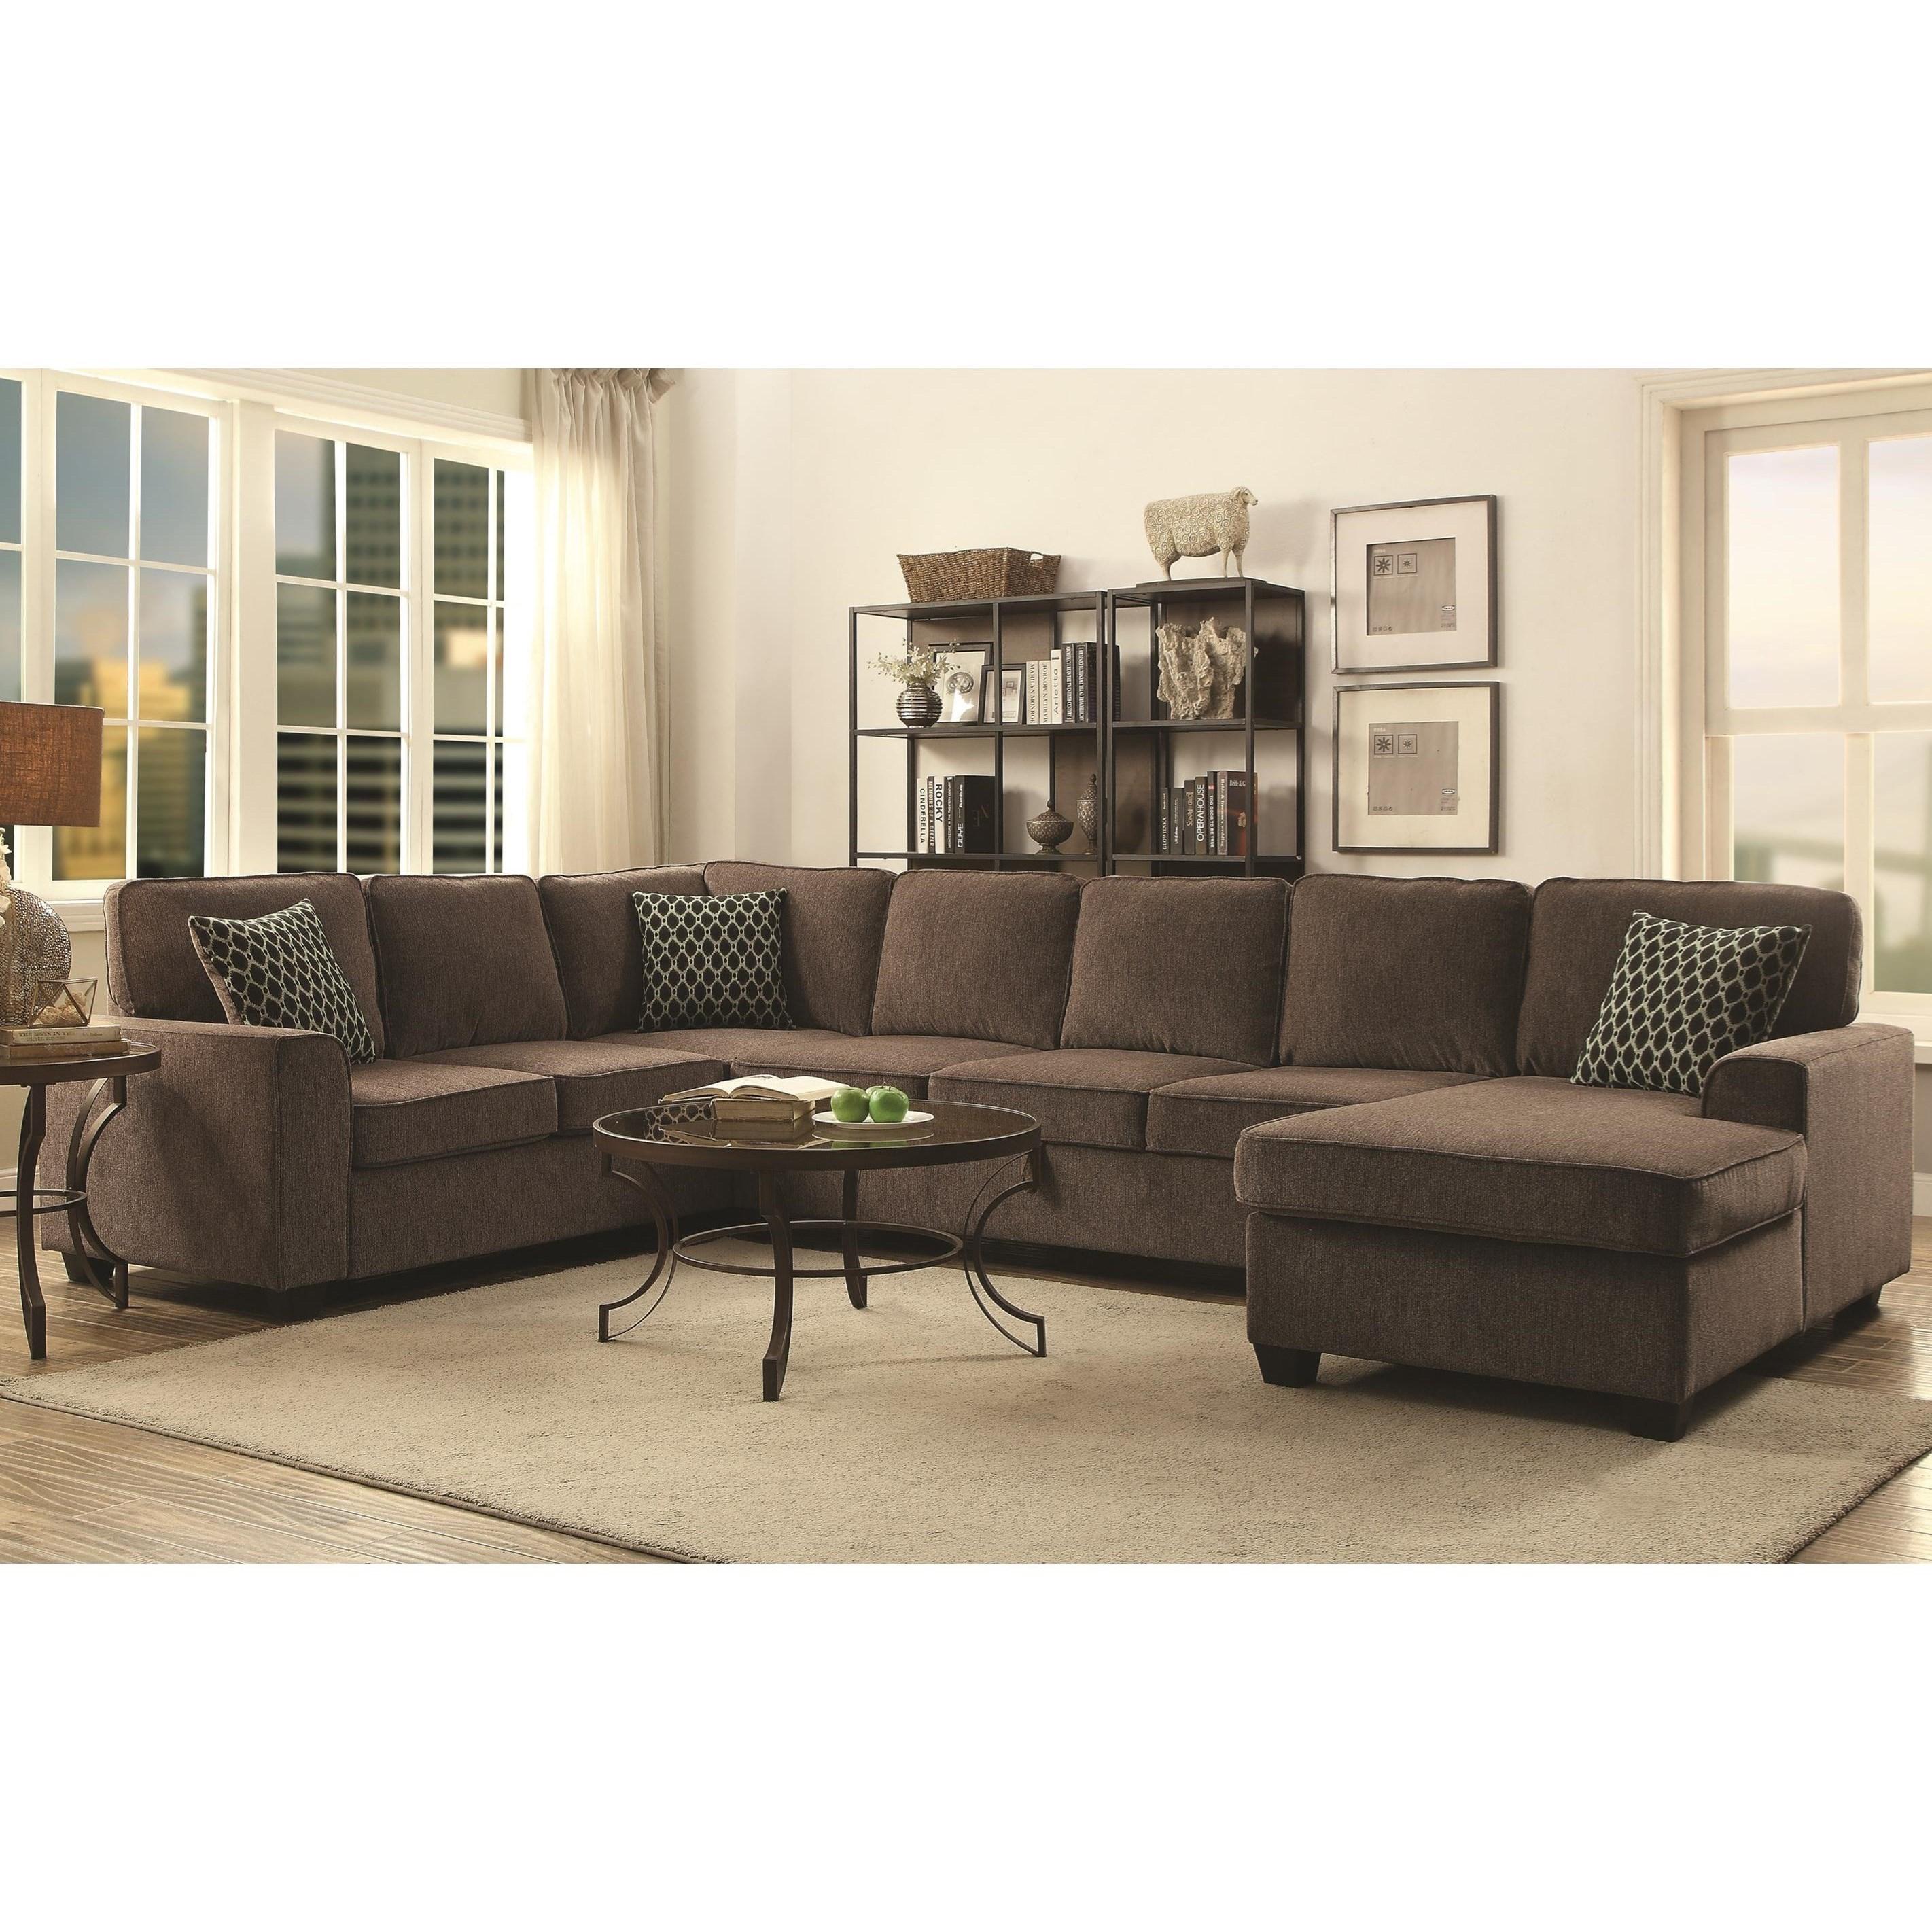 Ordinaire Value City Furniture